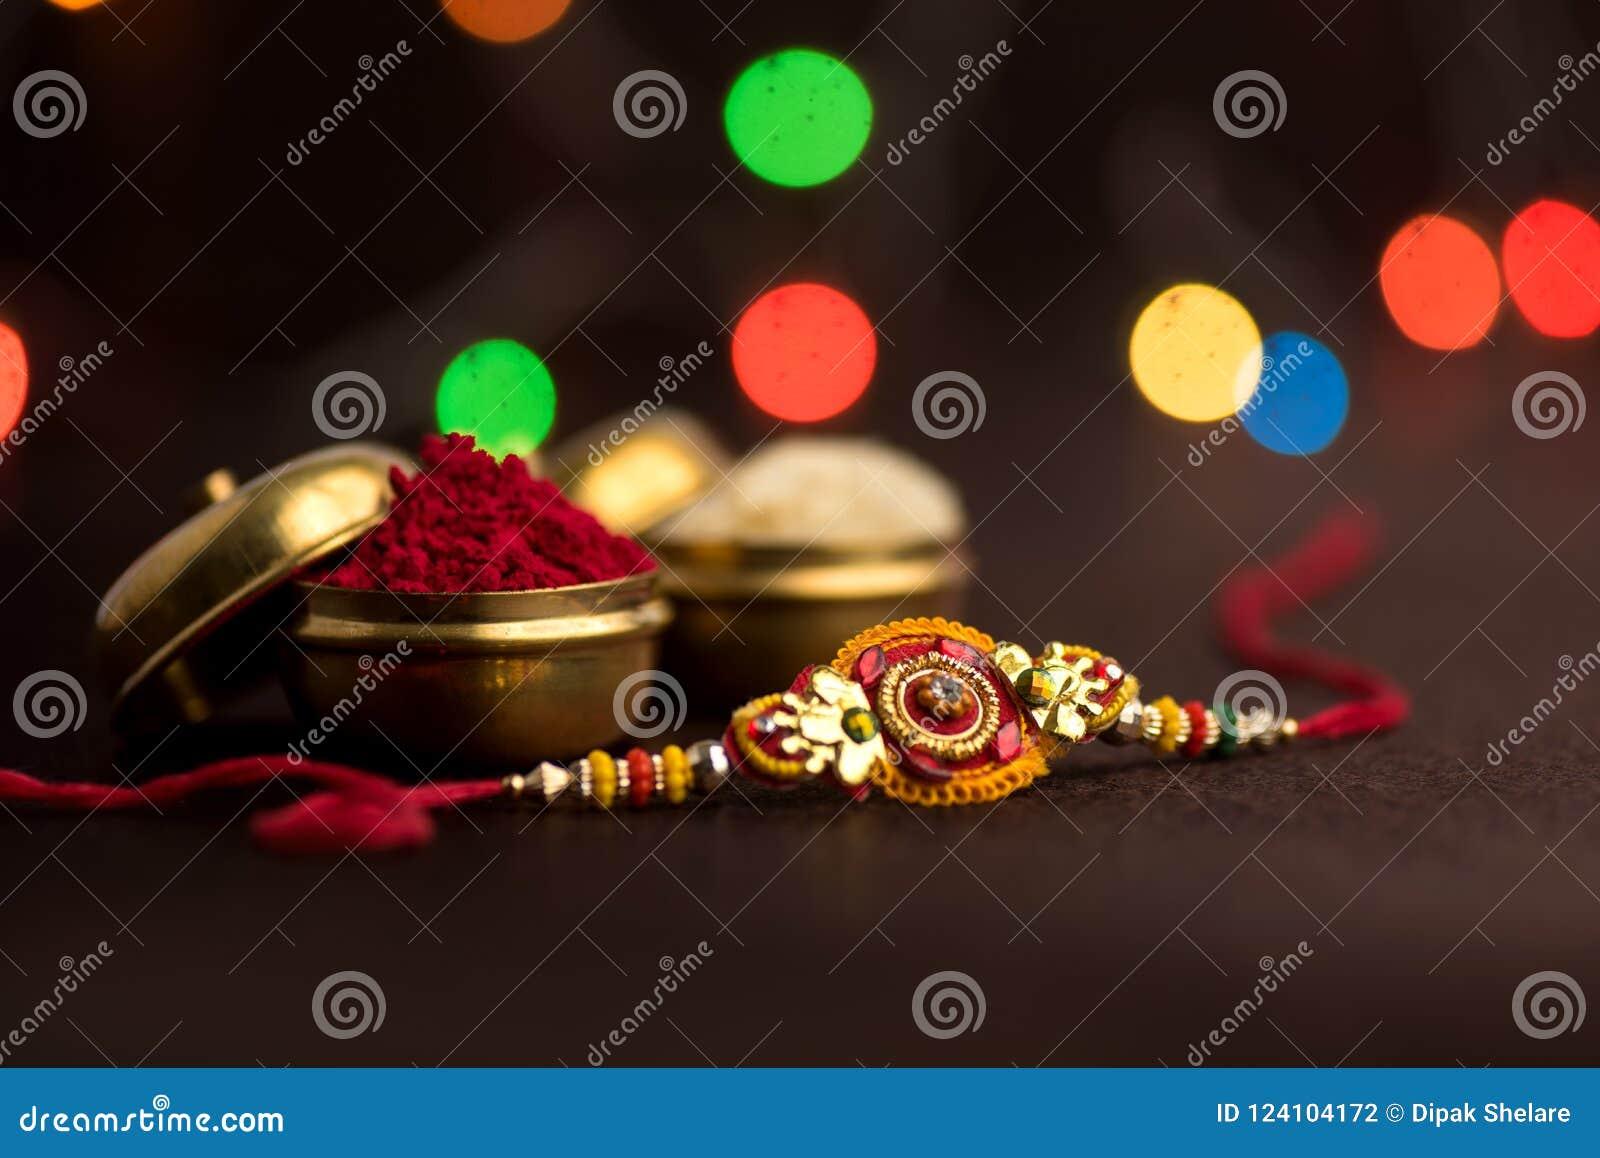 Indisch festival: Raksha Bandhan Een traditionele Indische manchet die een symbool van liefde tussen Broers en Zusters is